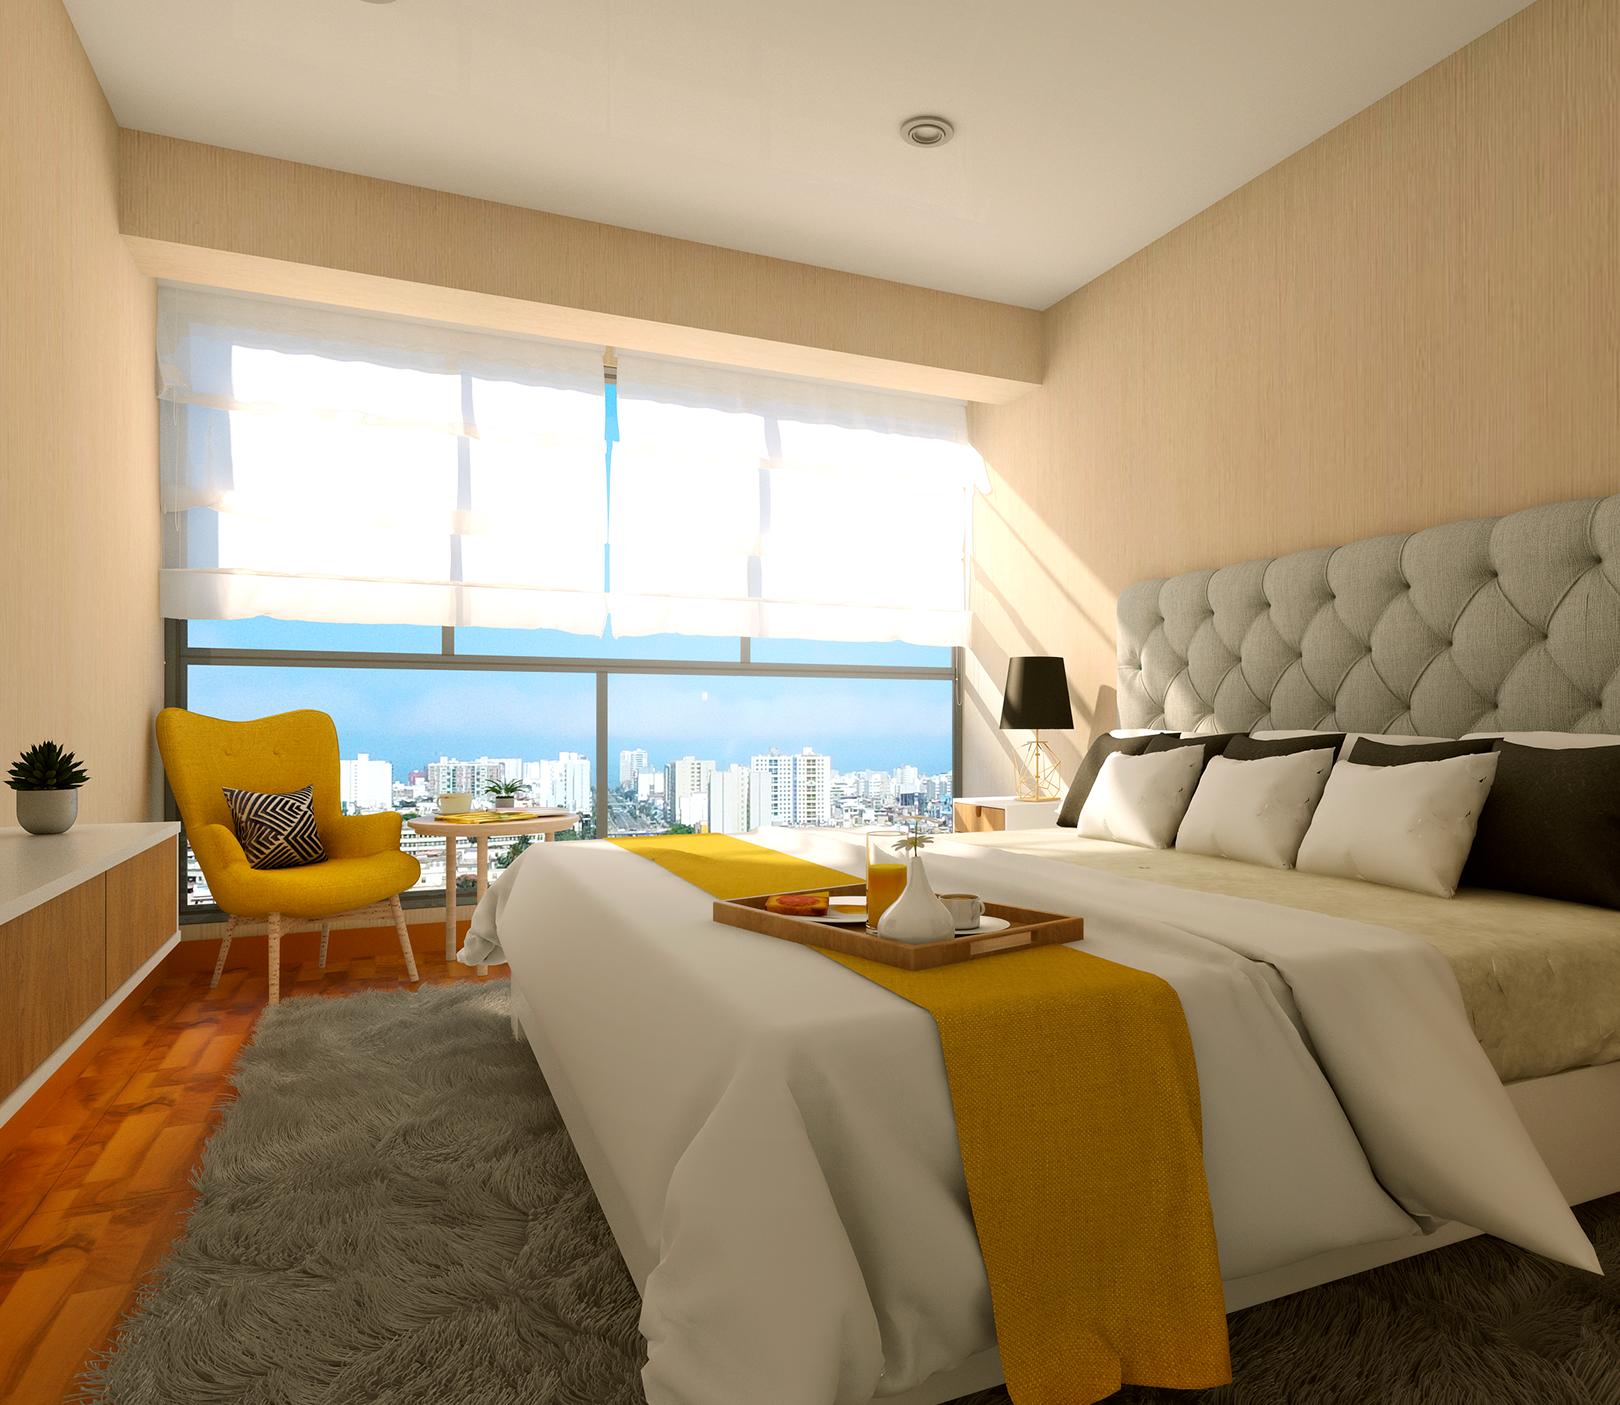 Dormitorio-Enjoy.png